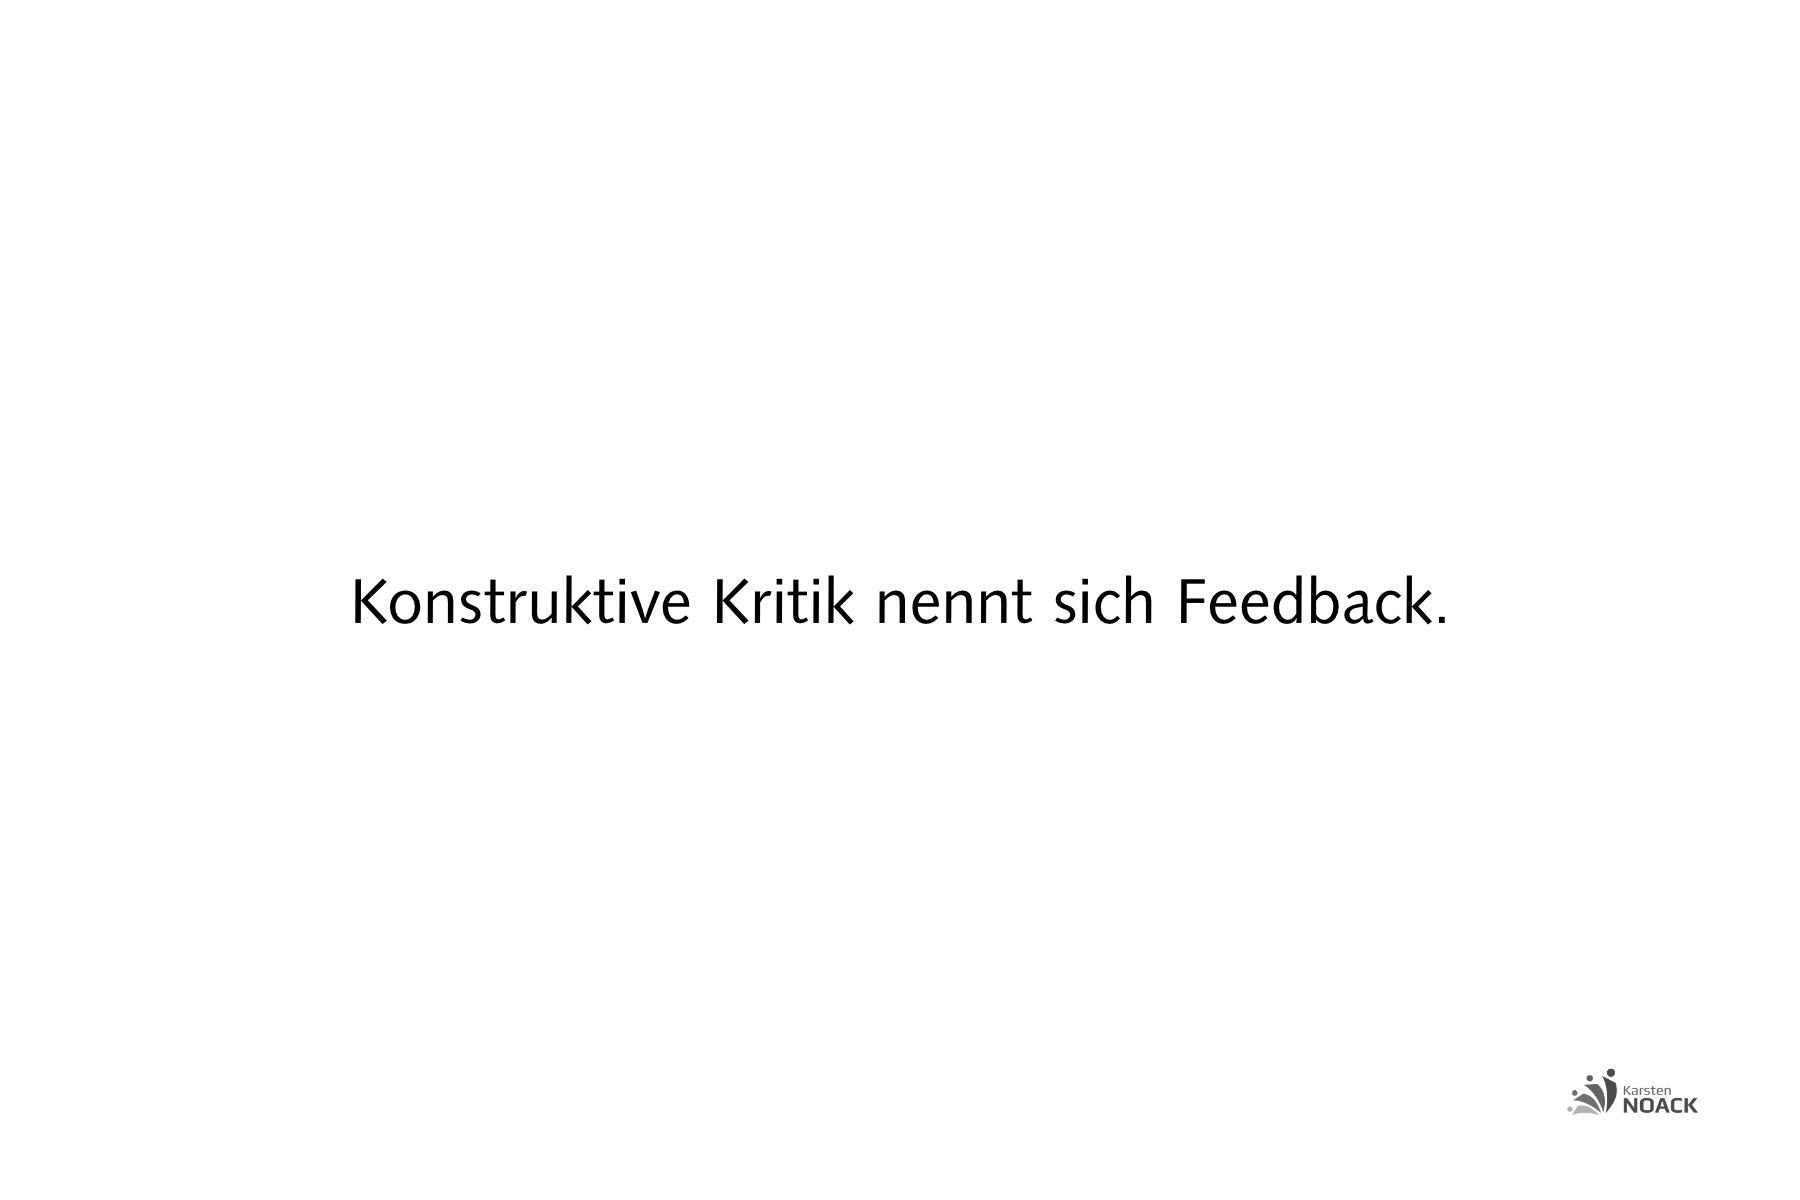 Konstruktive Kritik nennt sich Feedback. - Karsten Noack